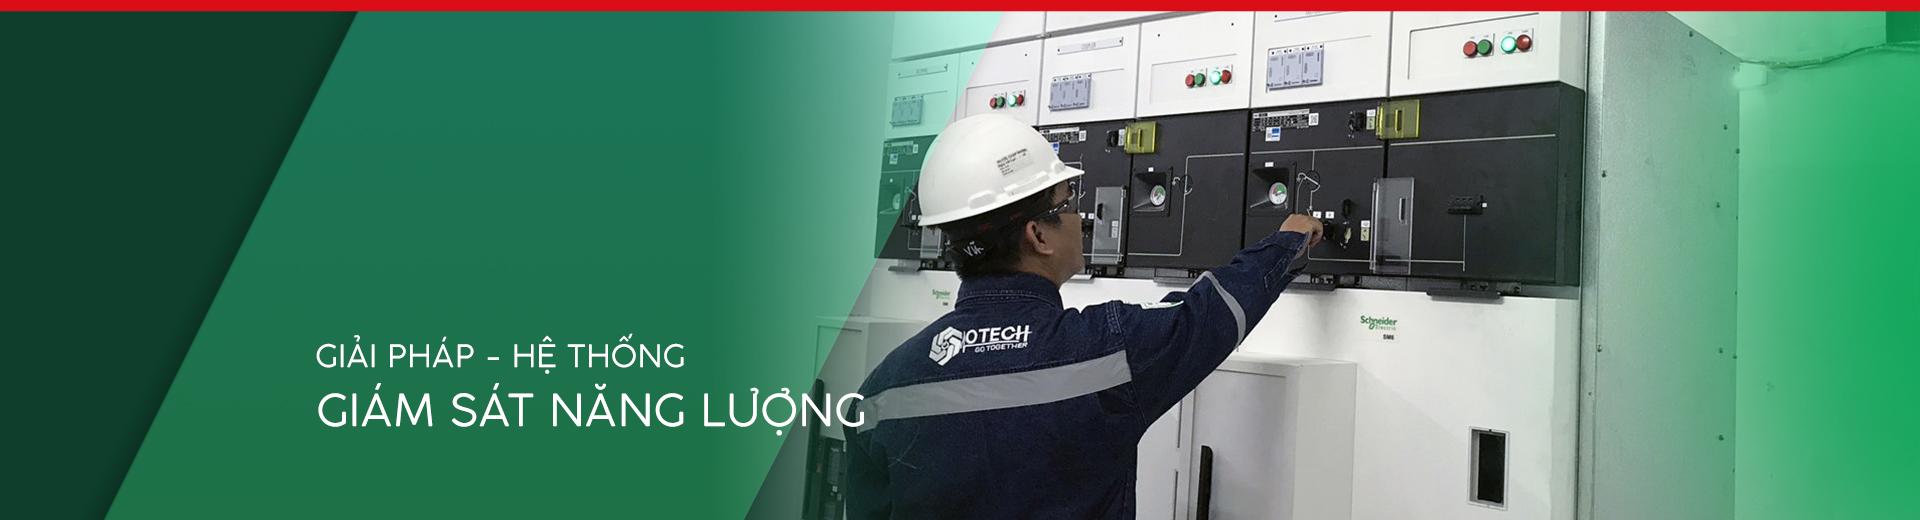 Giải pháp giám sát năng lượng OTECH